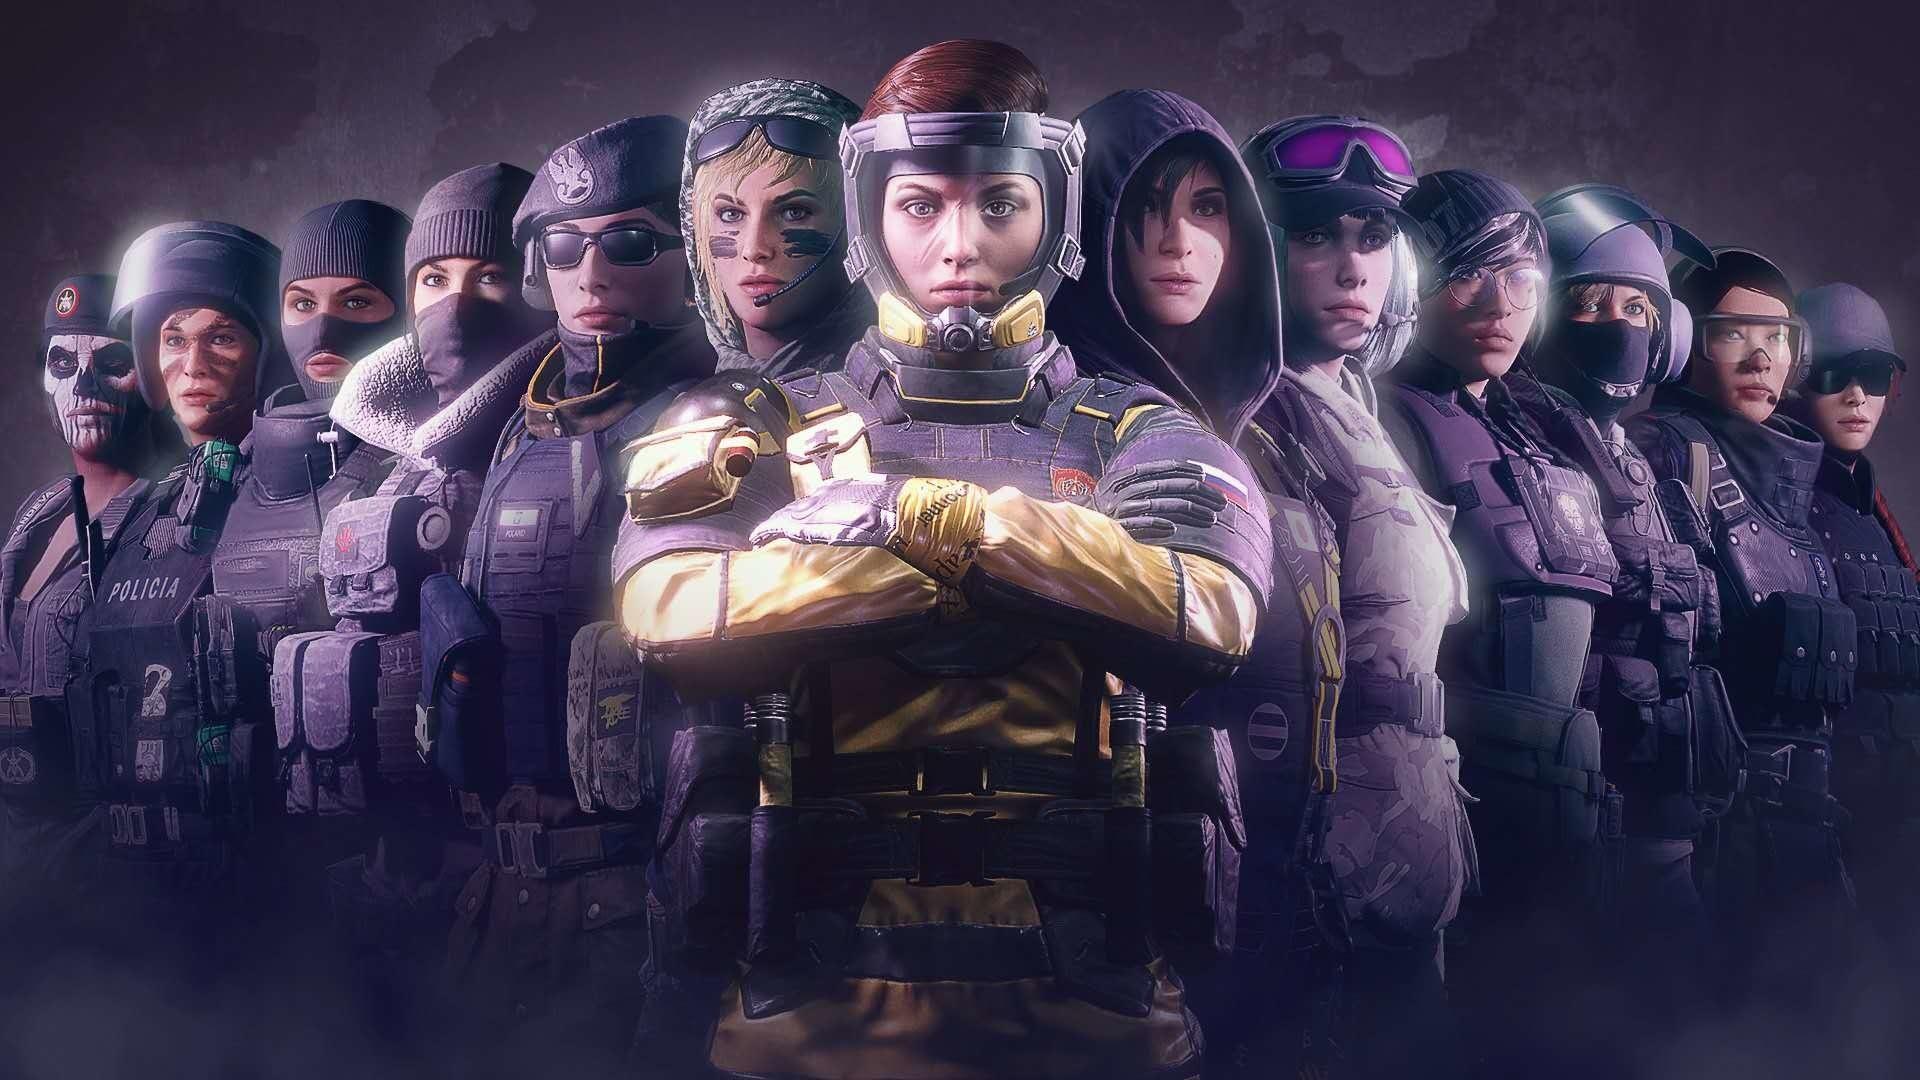 現在的《彩虹六號:圍攻》,是否需要加入團隊死鬥(TDM)模式?